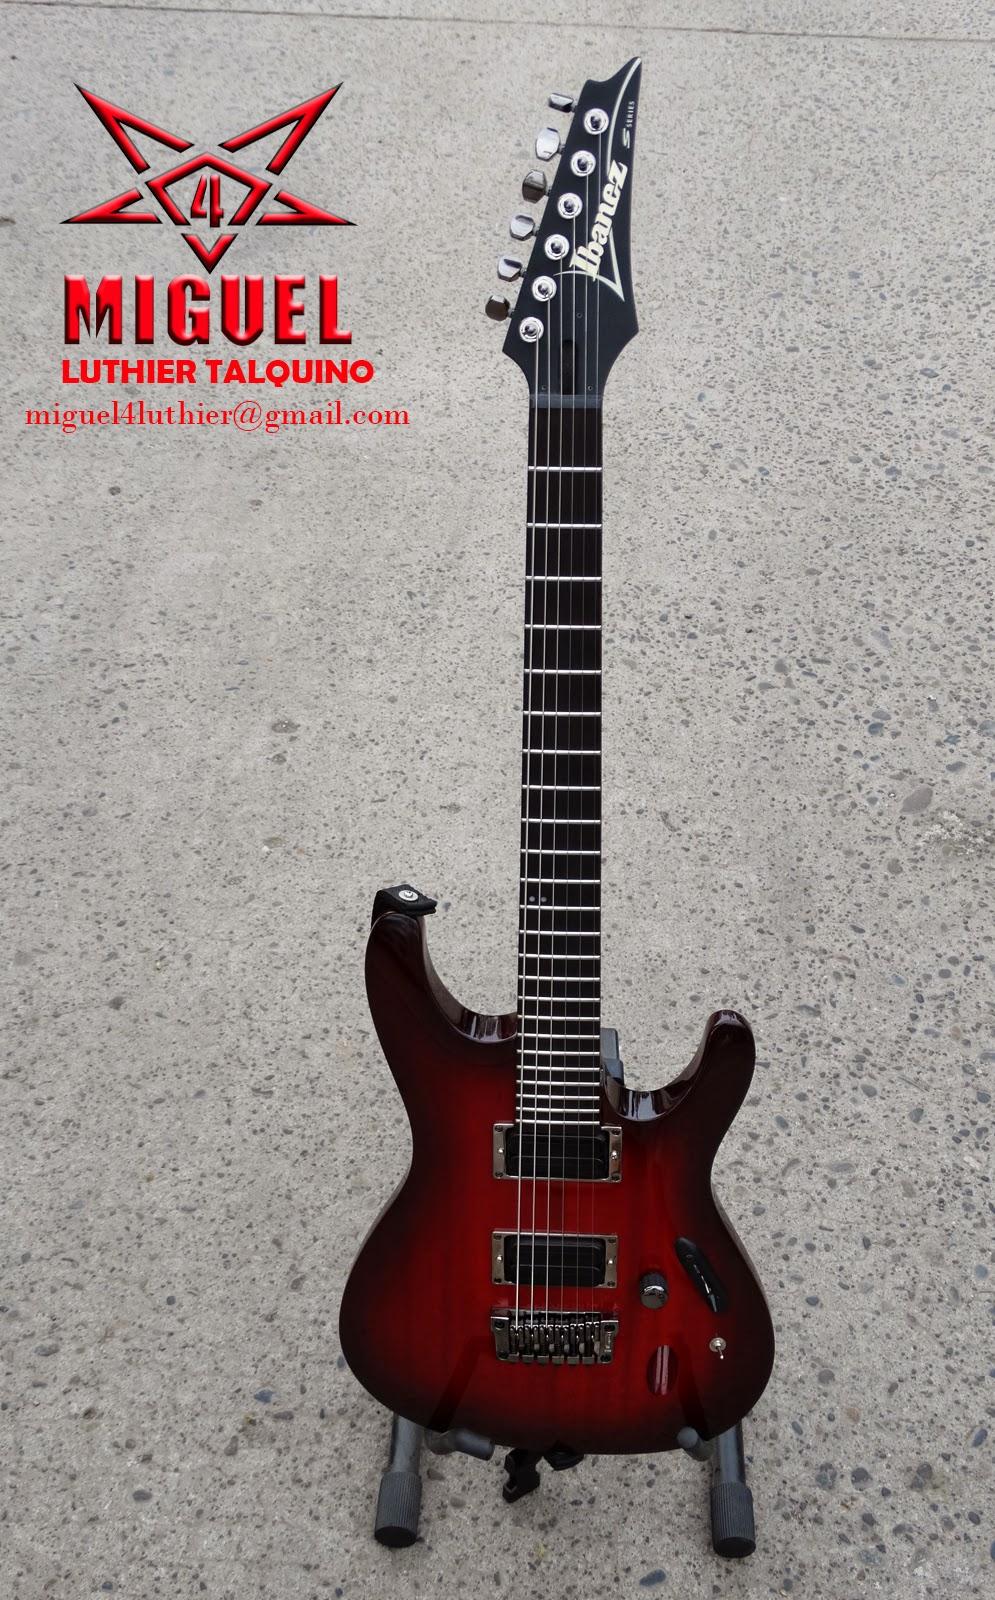 Luthier miguel4 talca guitarra el ctrica ibanez s for Luthier guitarra electrica